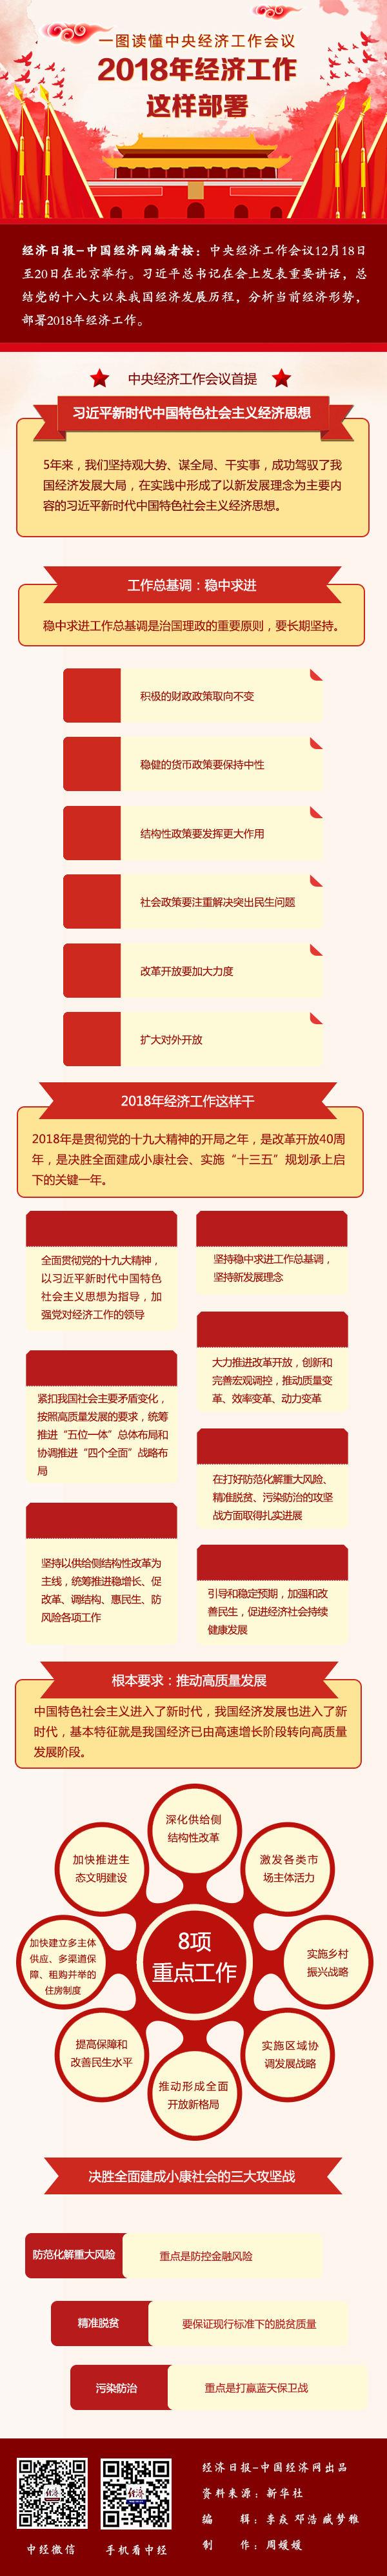 中央经济工作会议的新提法、新亮点